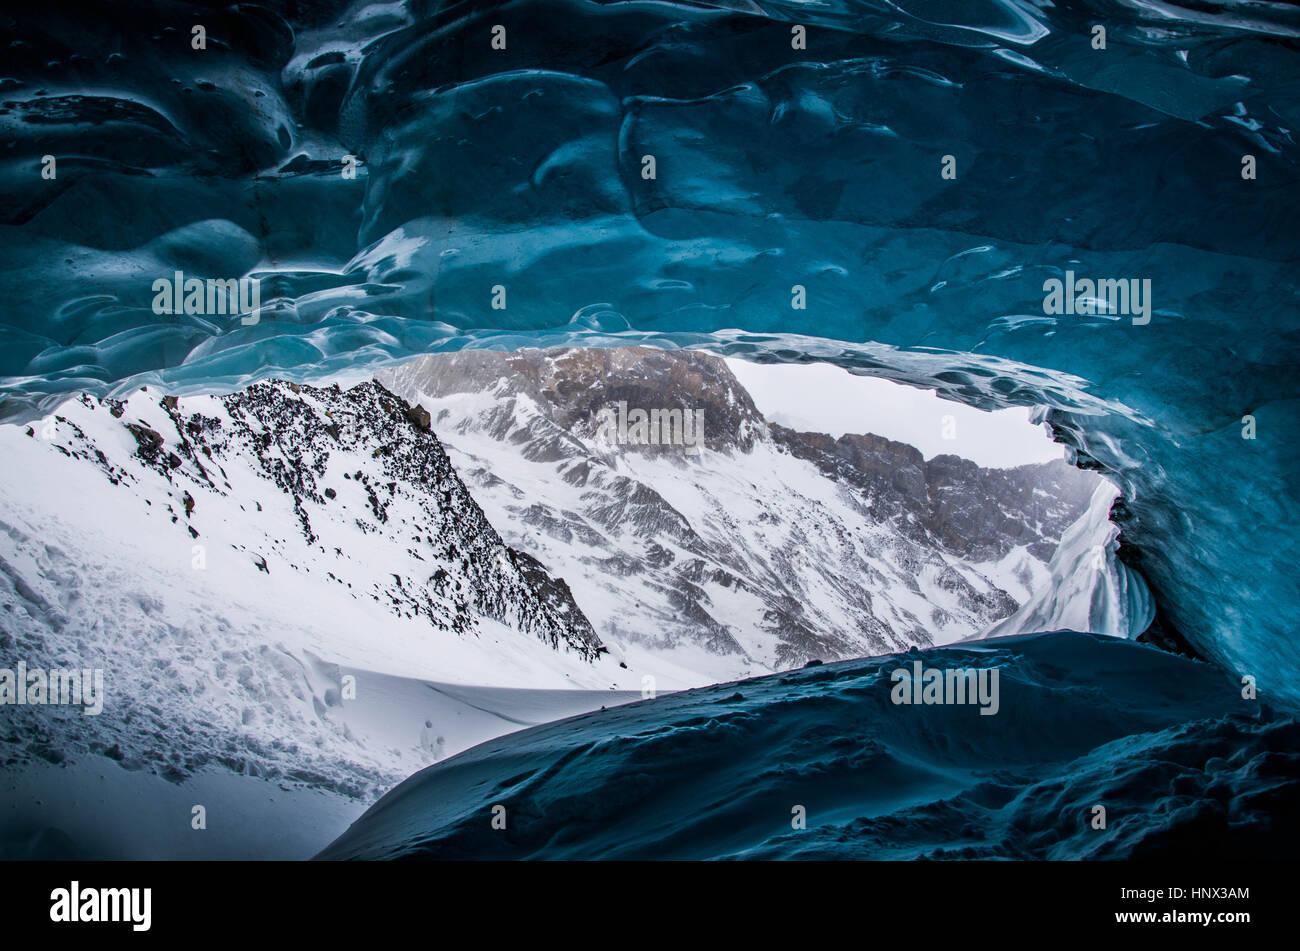 Depuis l'intérieur d'une grotte de glace glaciaire dans les Rocheuses canadiennes Photo Stock